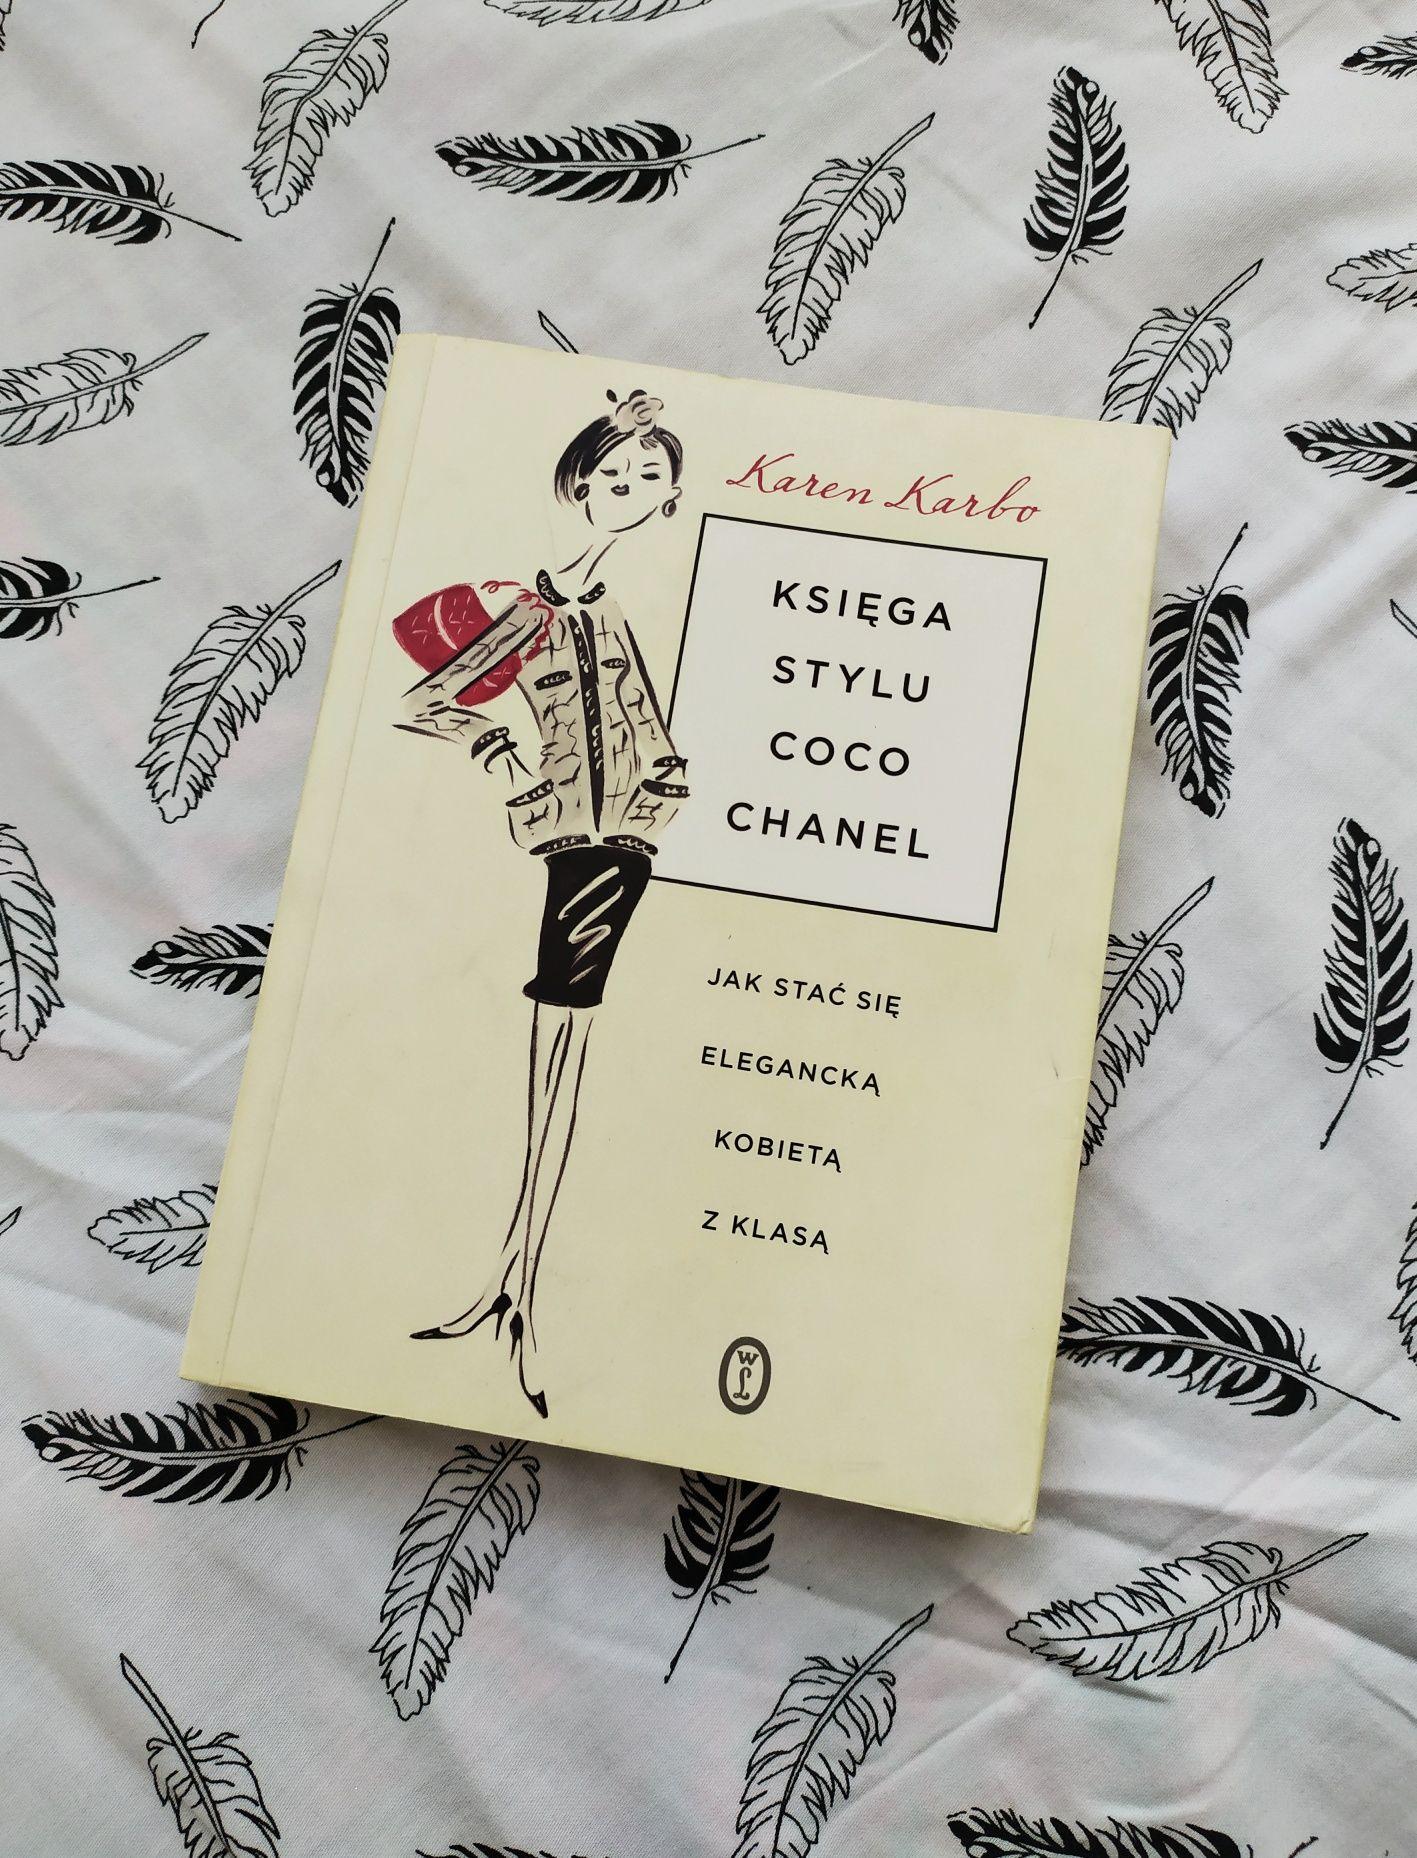 """Książka Karen Karbo """"Księga stylu Coco Chanel"""""""